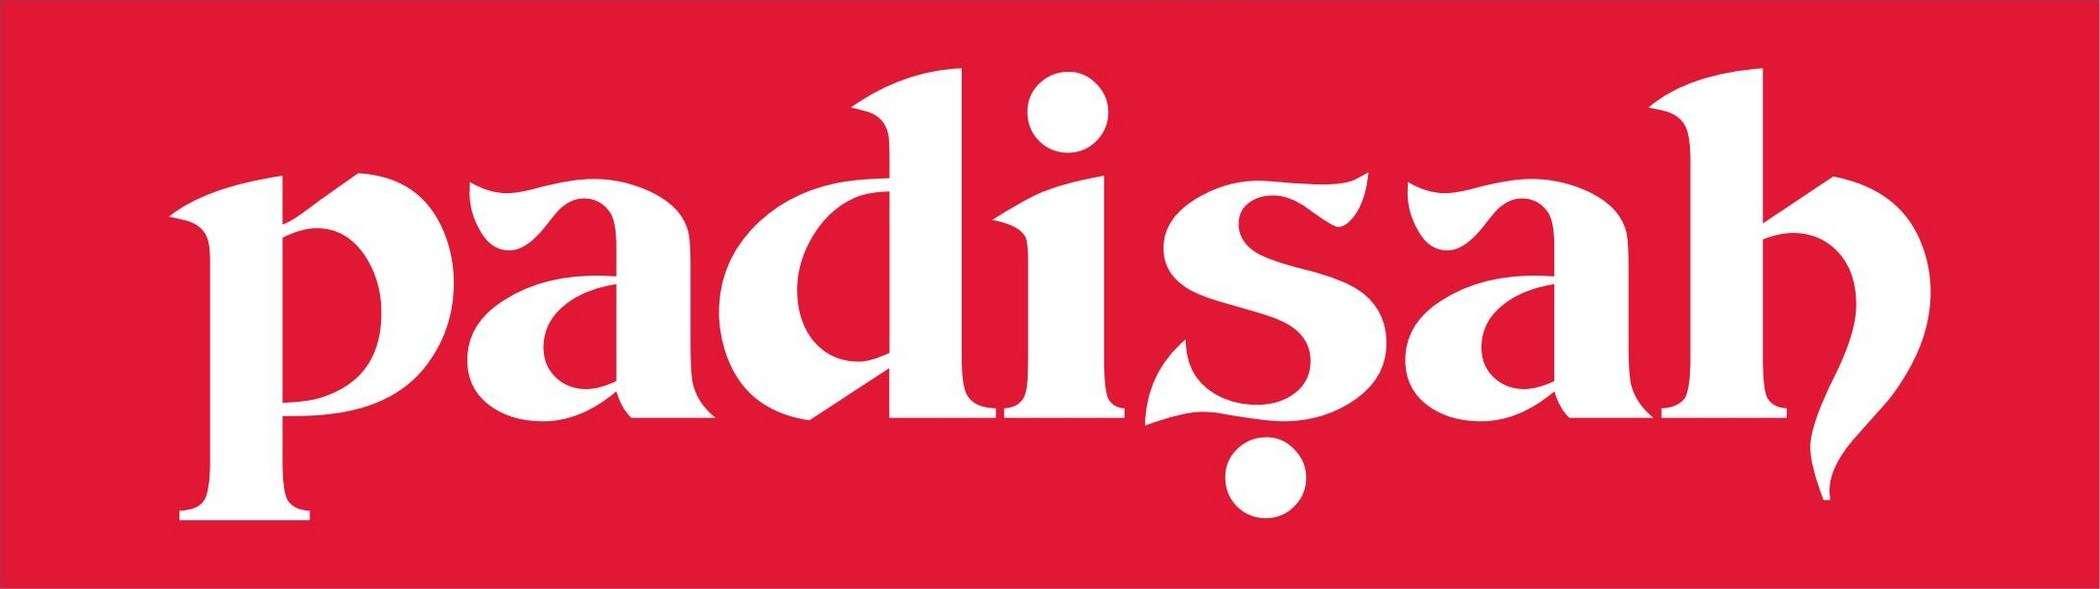 padisah-hali-logo